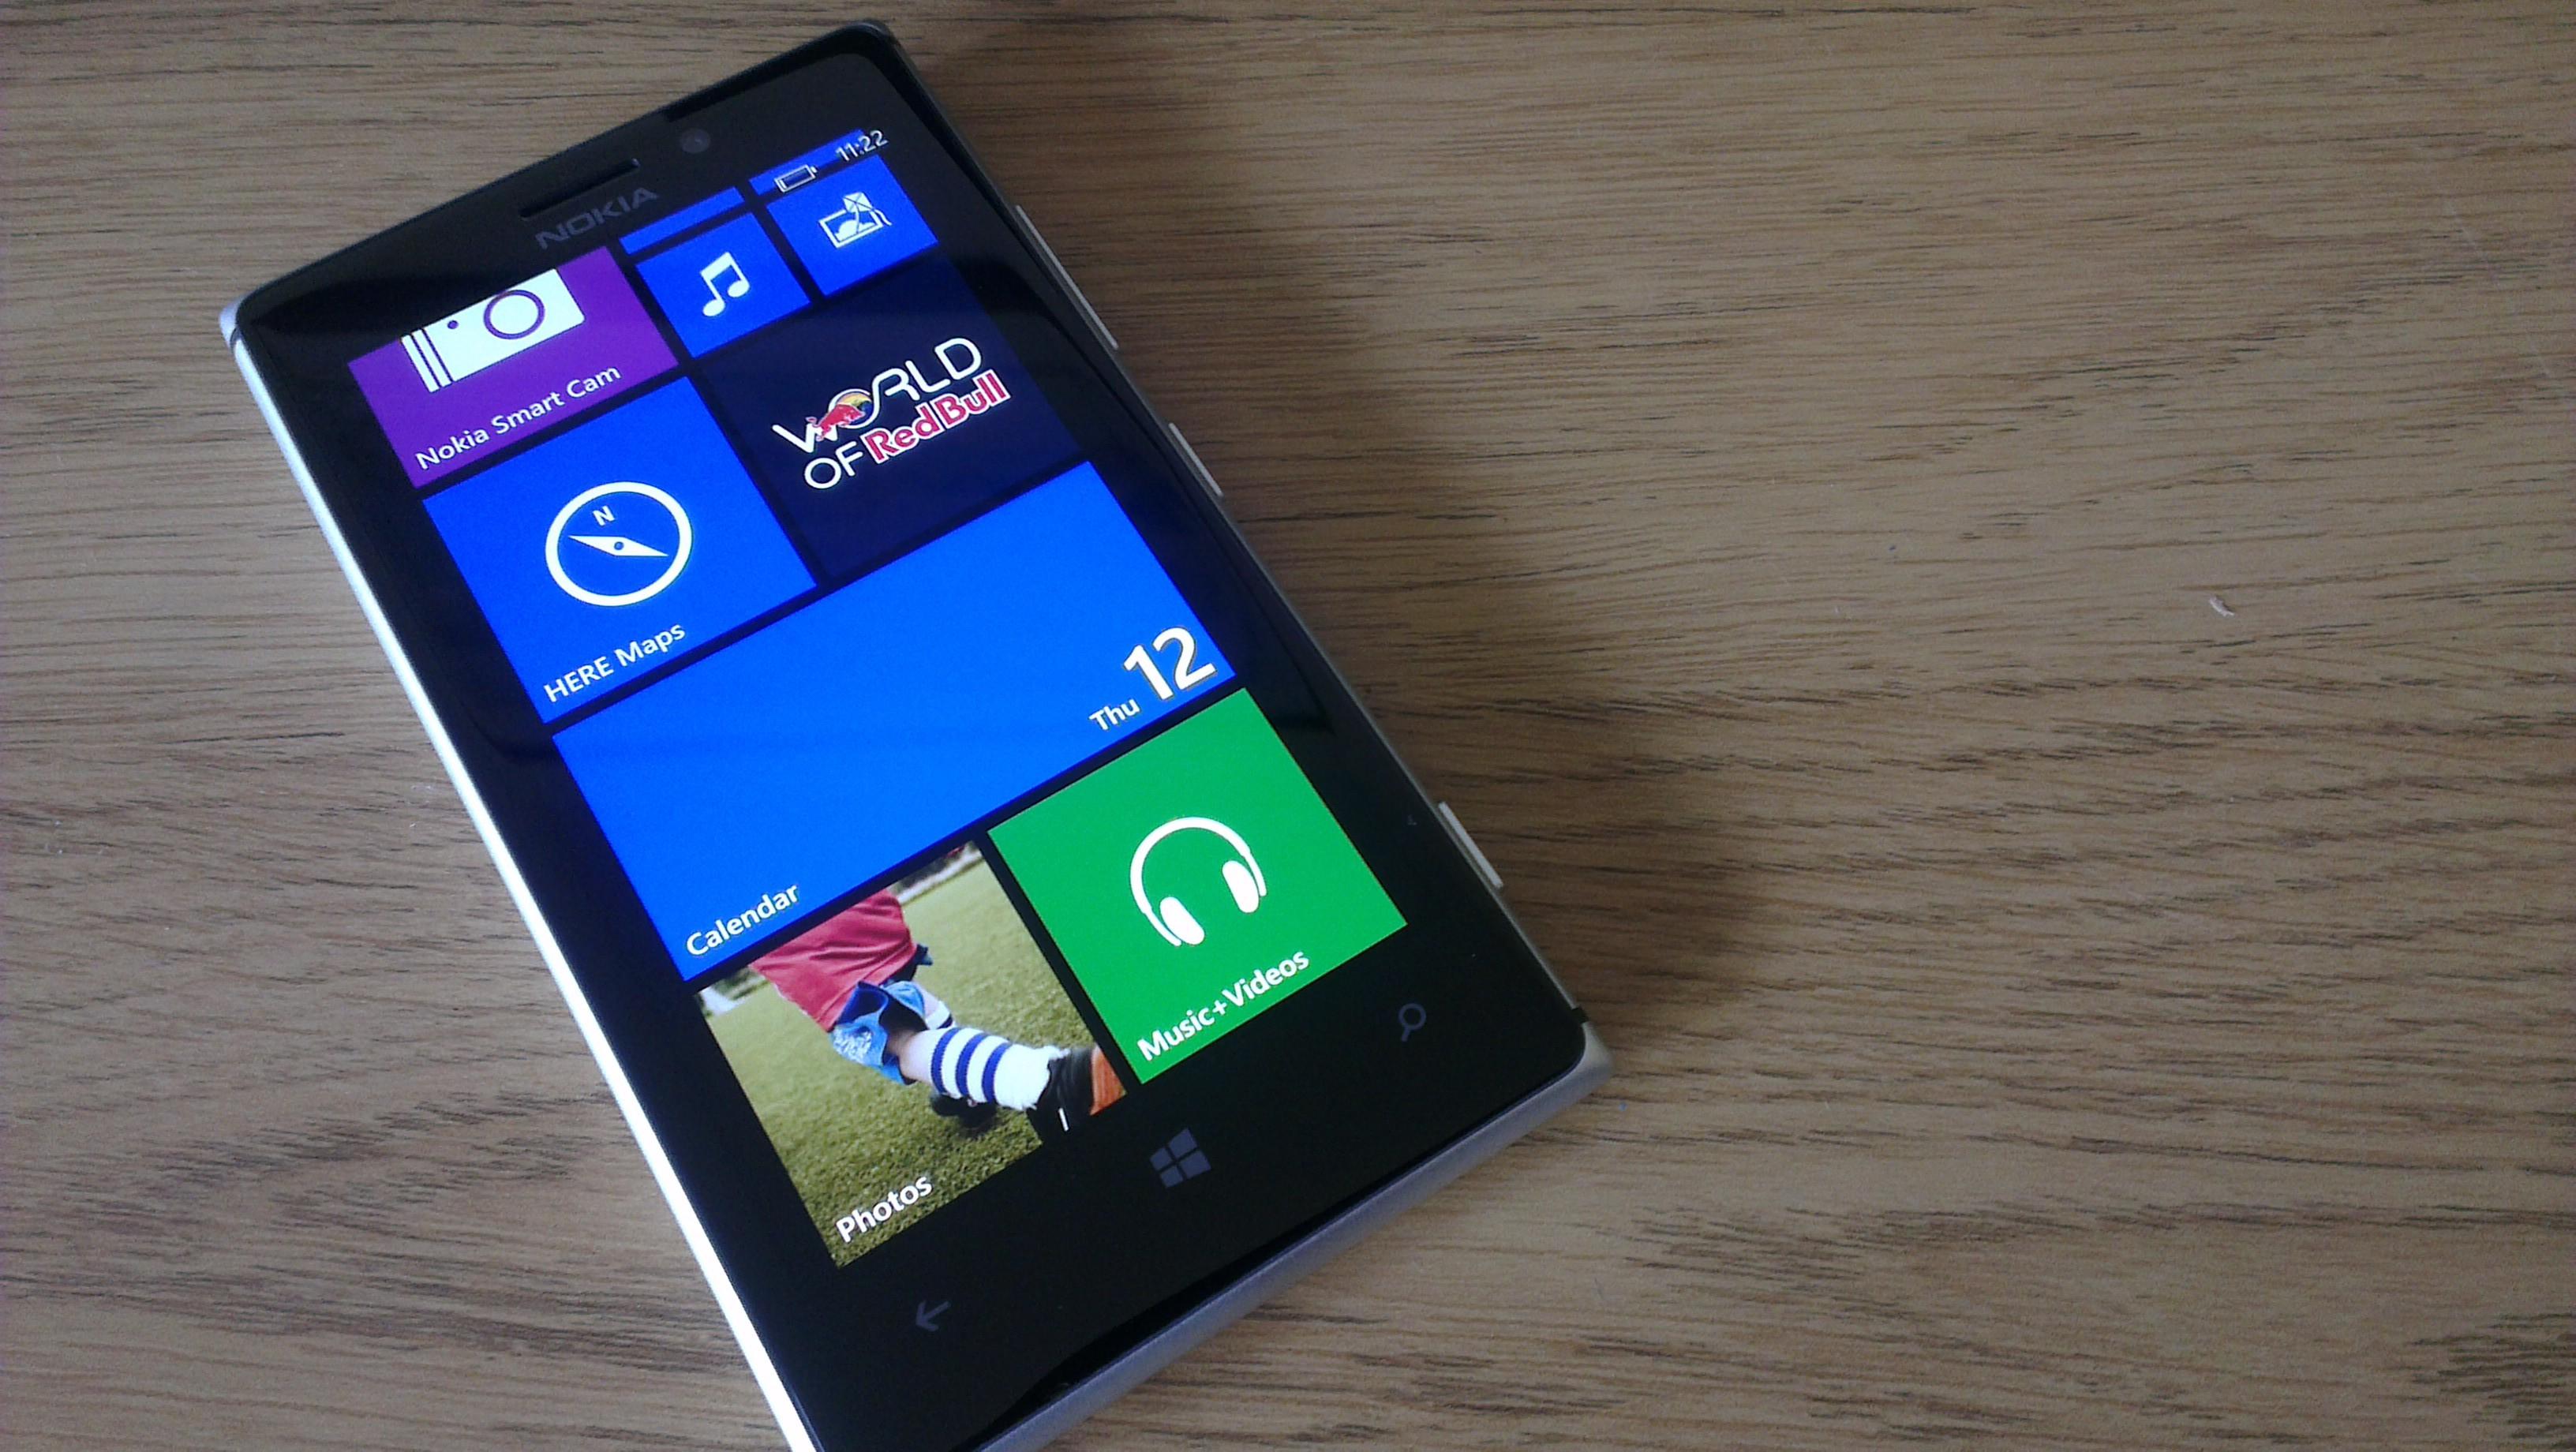 Nokia Lumia 820 review | NDTV Gadgets360.com